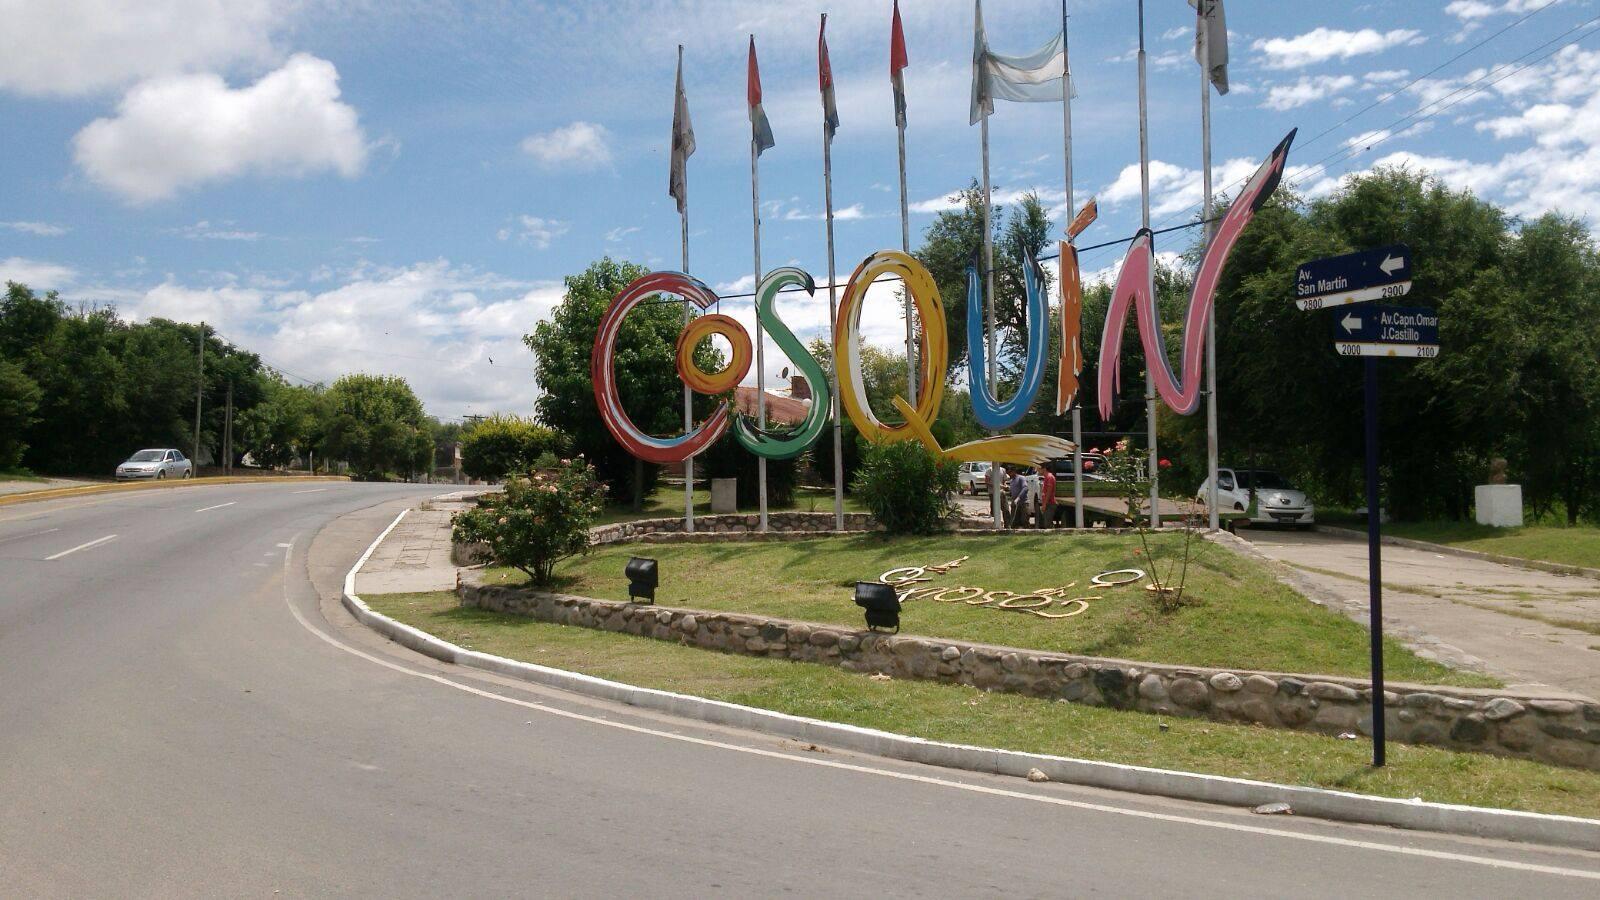 Feria nacional de artesan as y arte popular de cosqu n for Feria de artesanias cordoba 2016